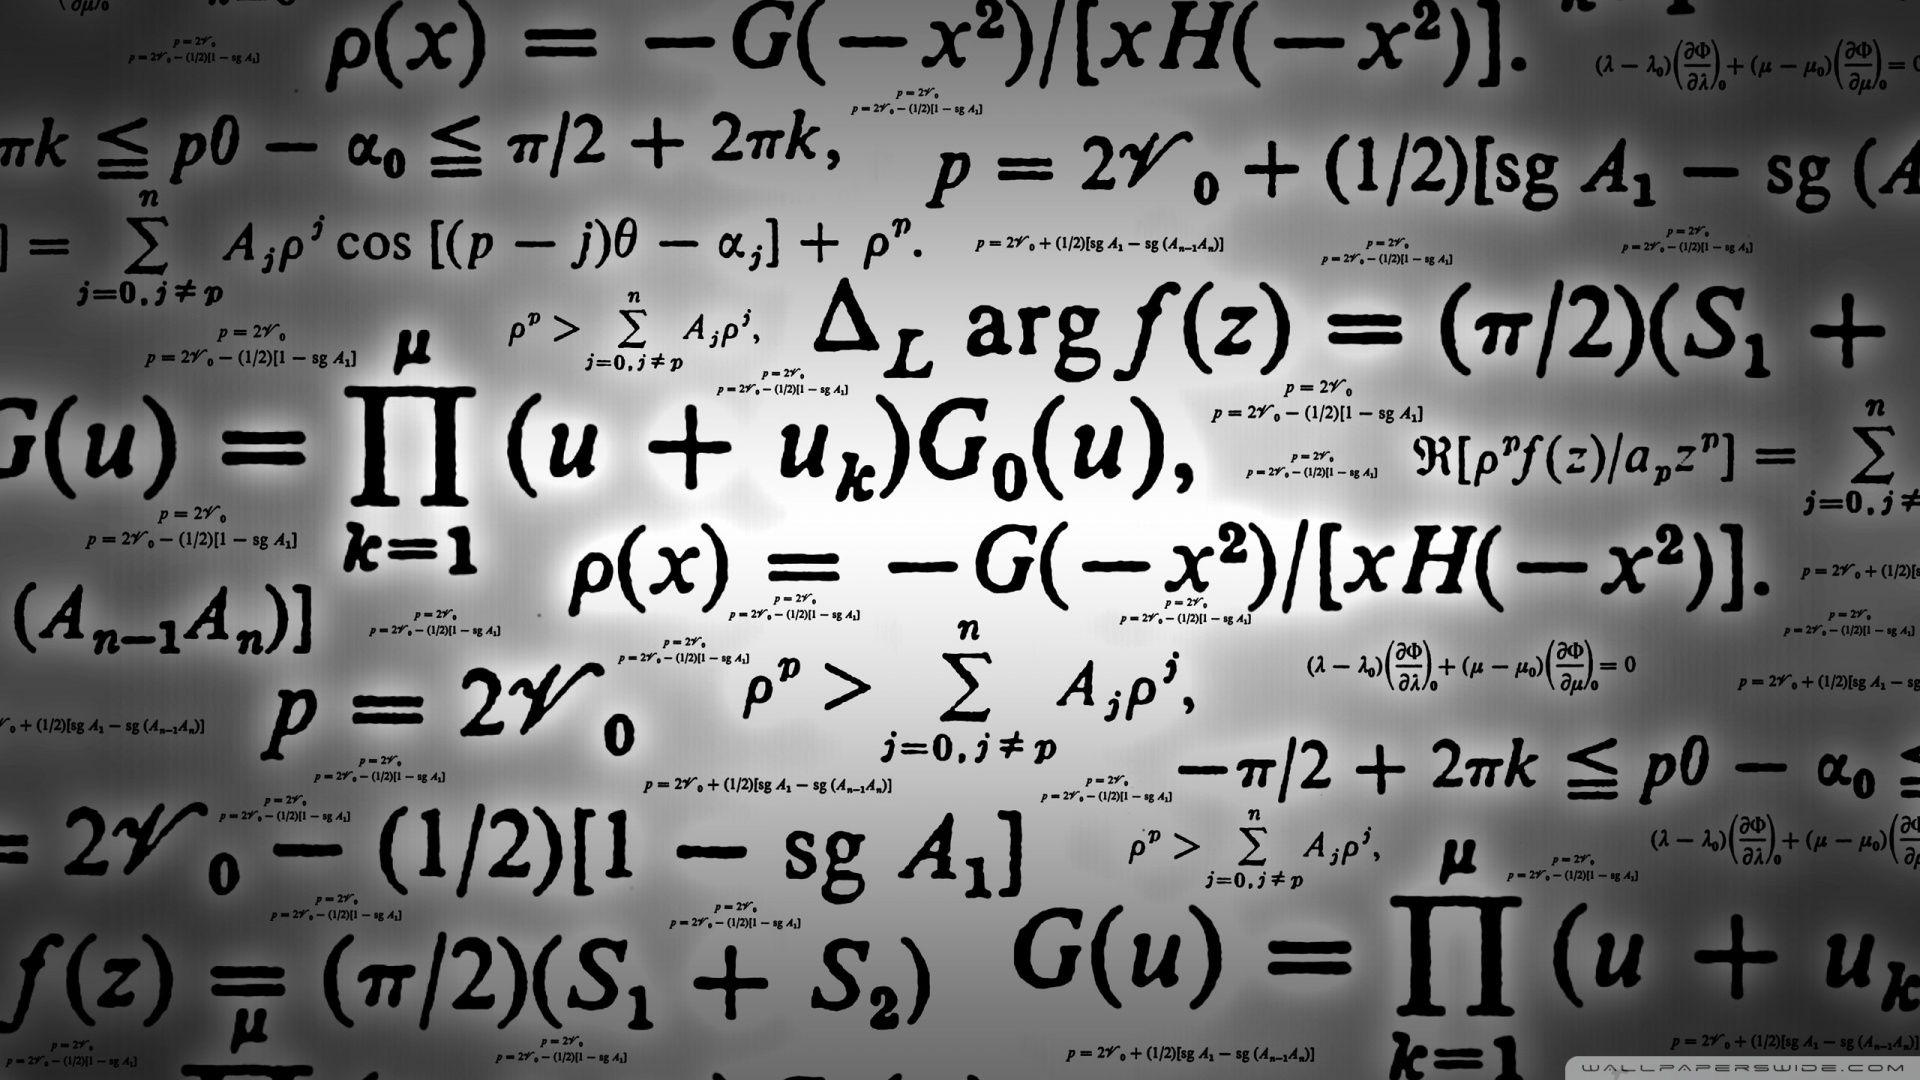 3d wallpaper mathematics hd download - free 3d wallpaper mathematics